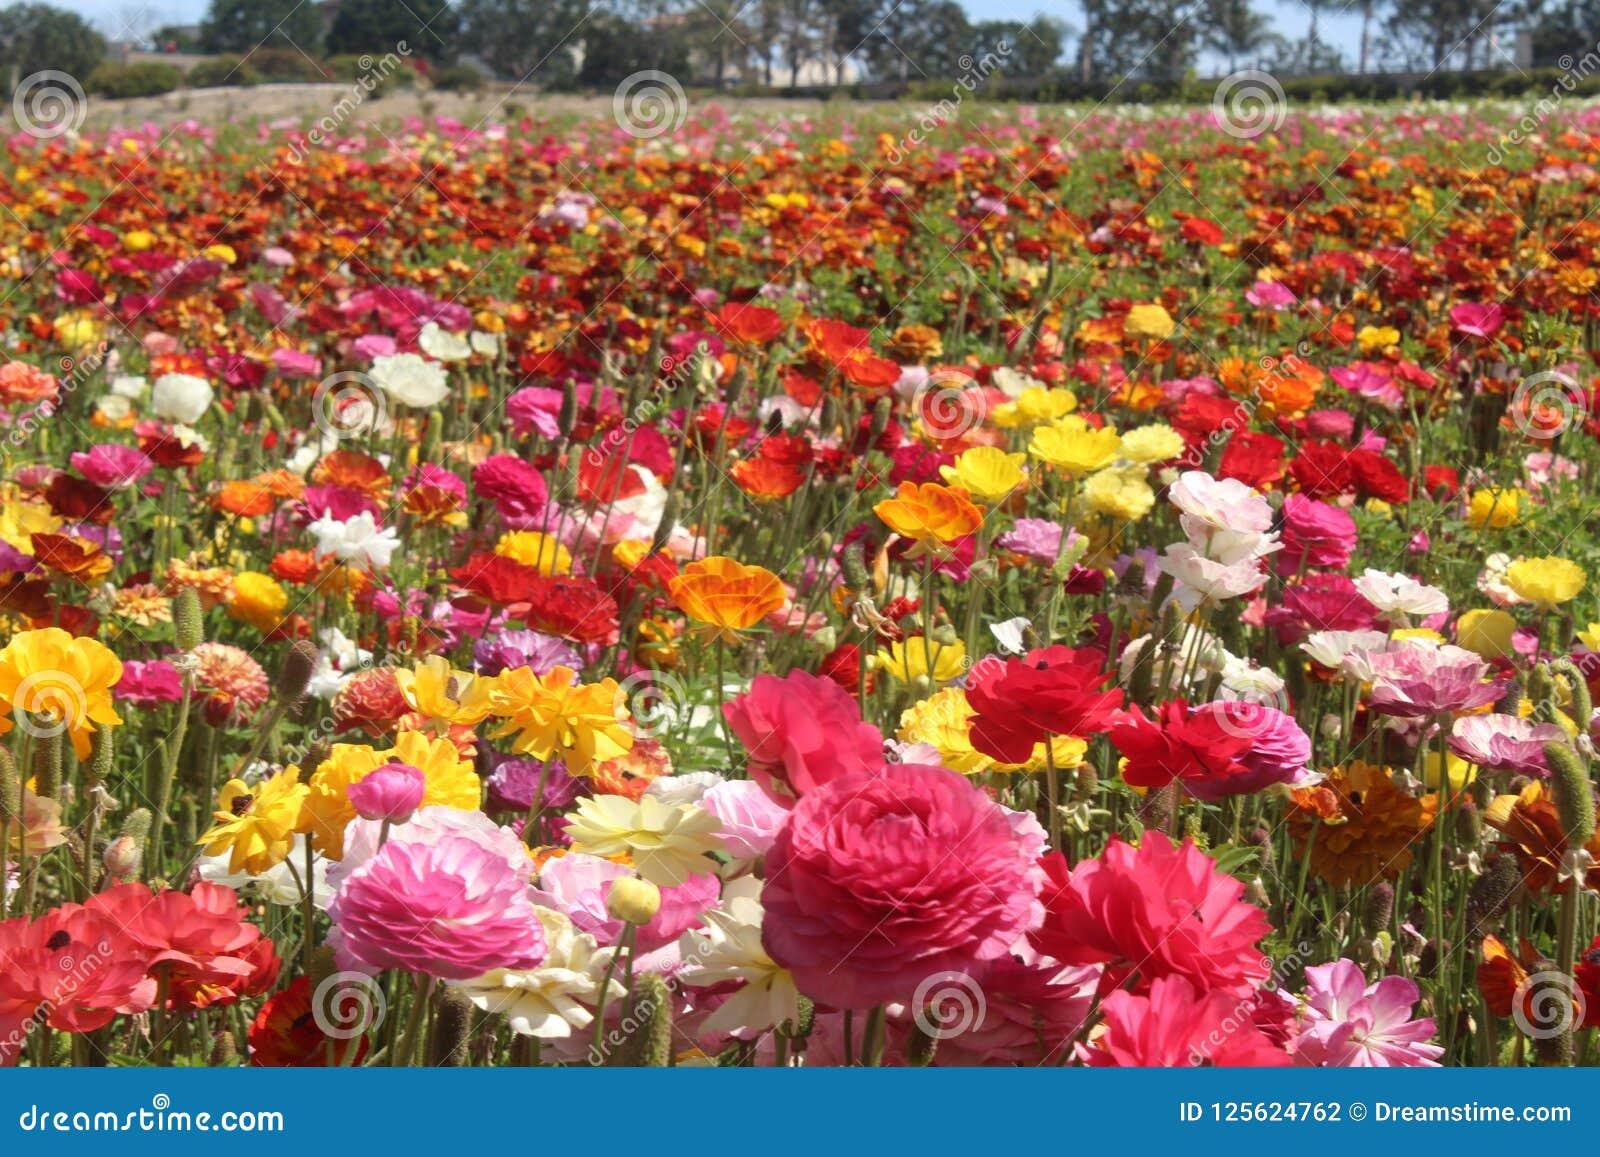 Champ Micro Des Fleurs Fleurs Roses Fleurs Rouges Champs Des Fleurs Carlsbad Ca Photo Stock Image Du Rose Blanc 125624762